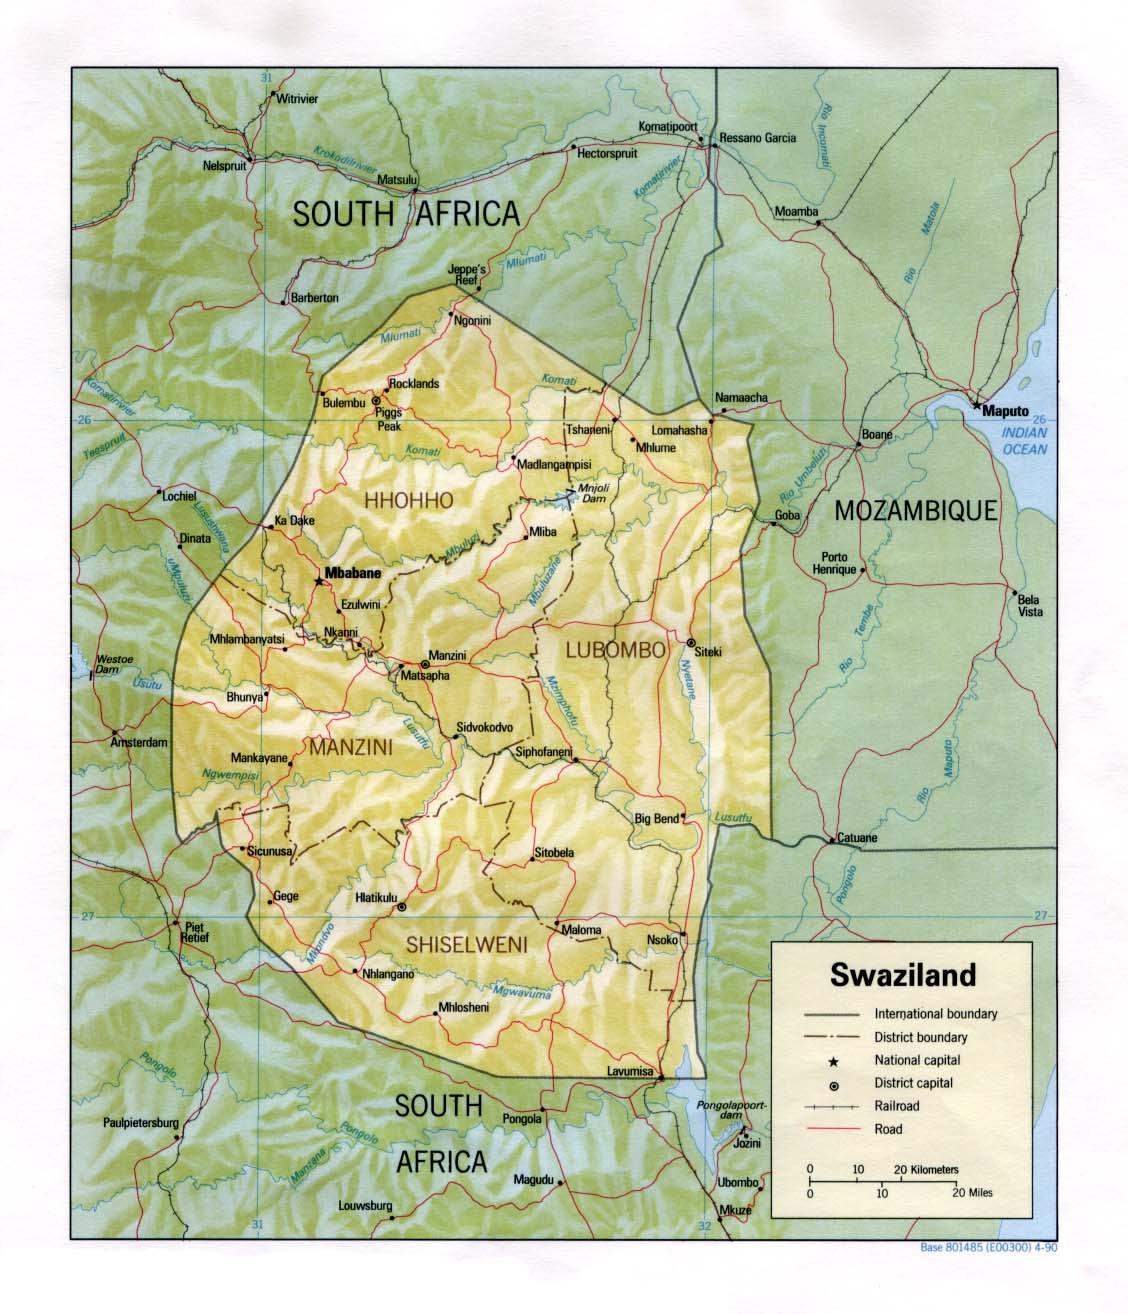 Mapa de Relieve Sombreado de Suazilandia